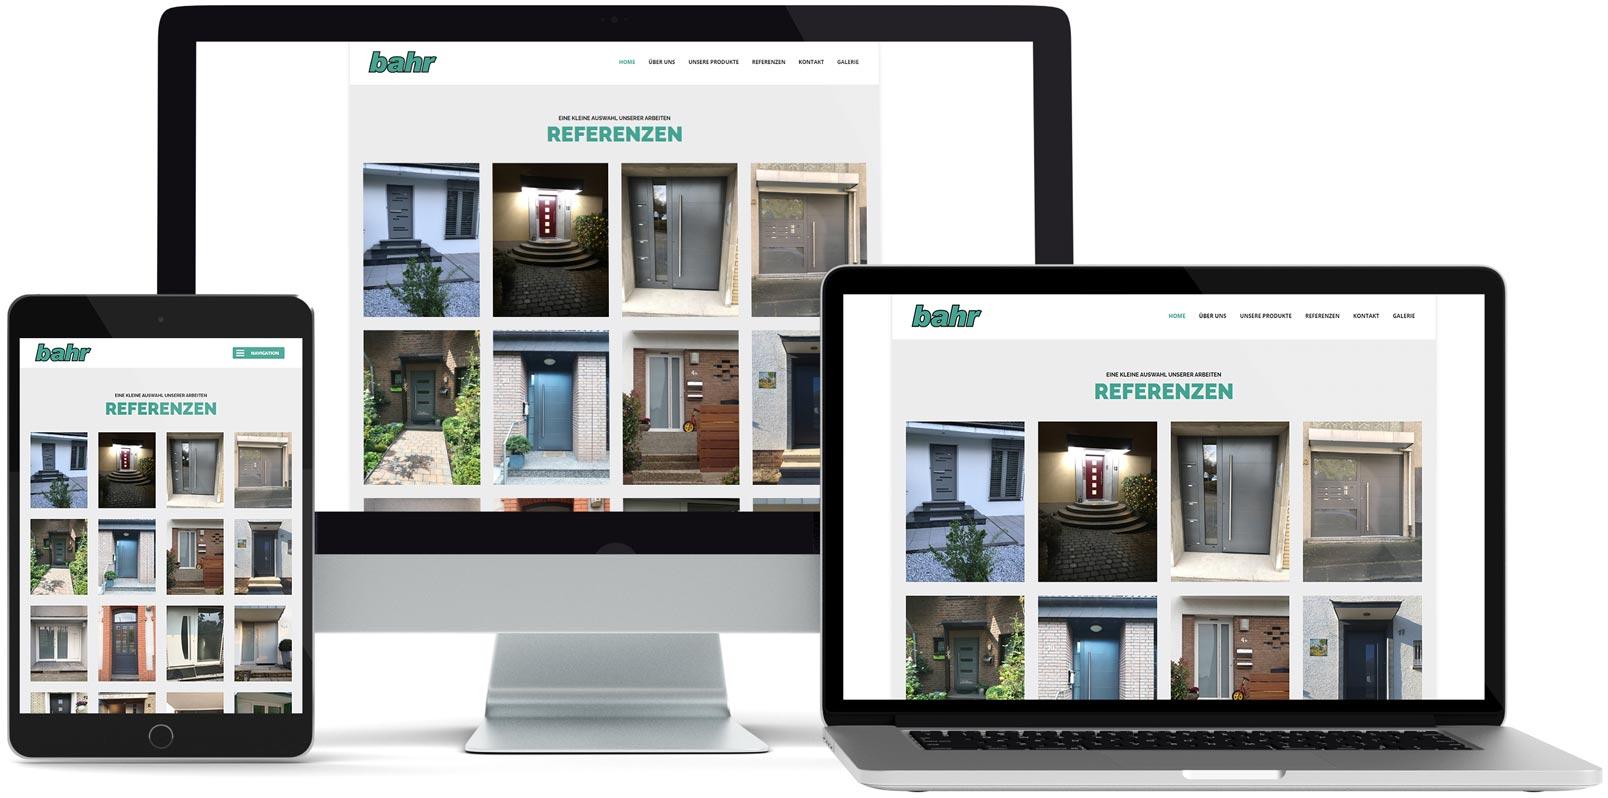 WordPress Webdesign: Bahr Online